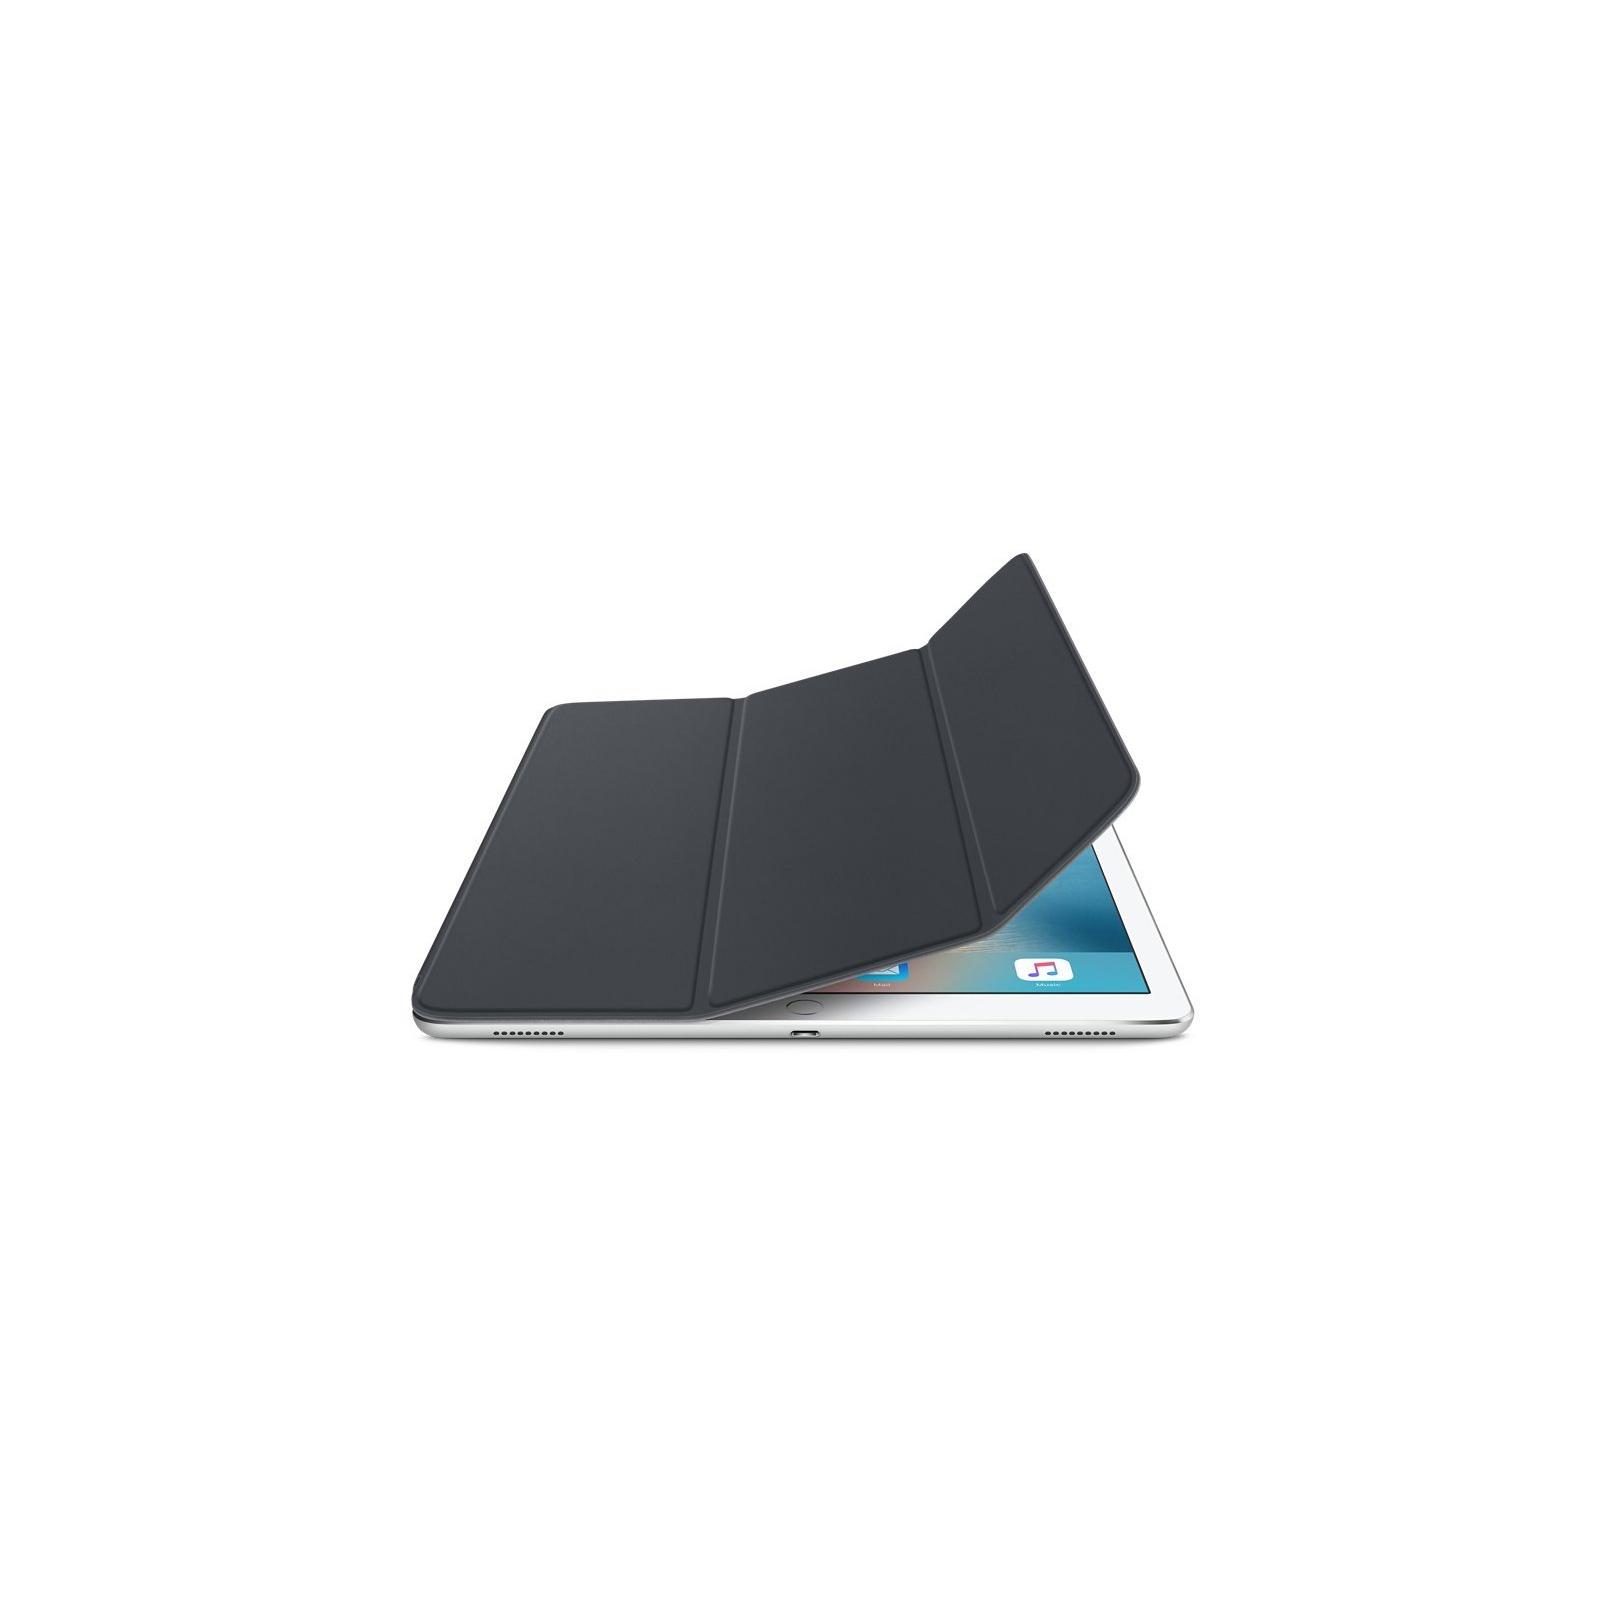 Чехол для планшета Apple Smart Cover для iPad Pro Charcoal Gray (MK0L2ZM/A) изображение 2